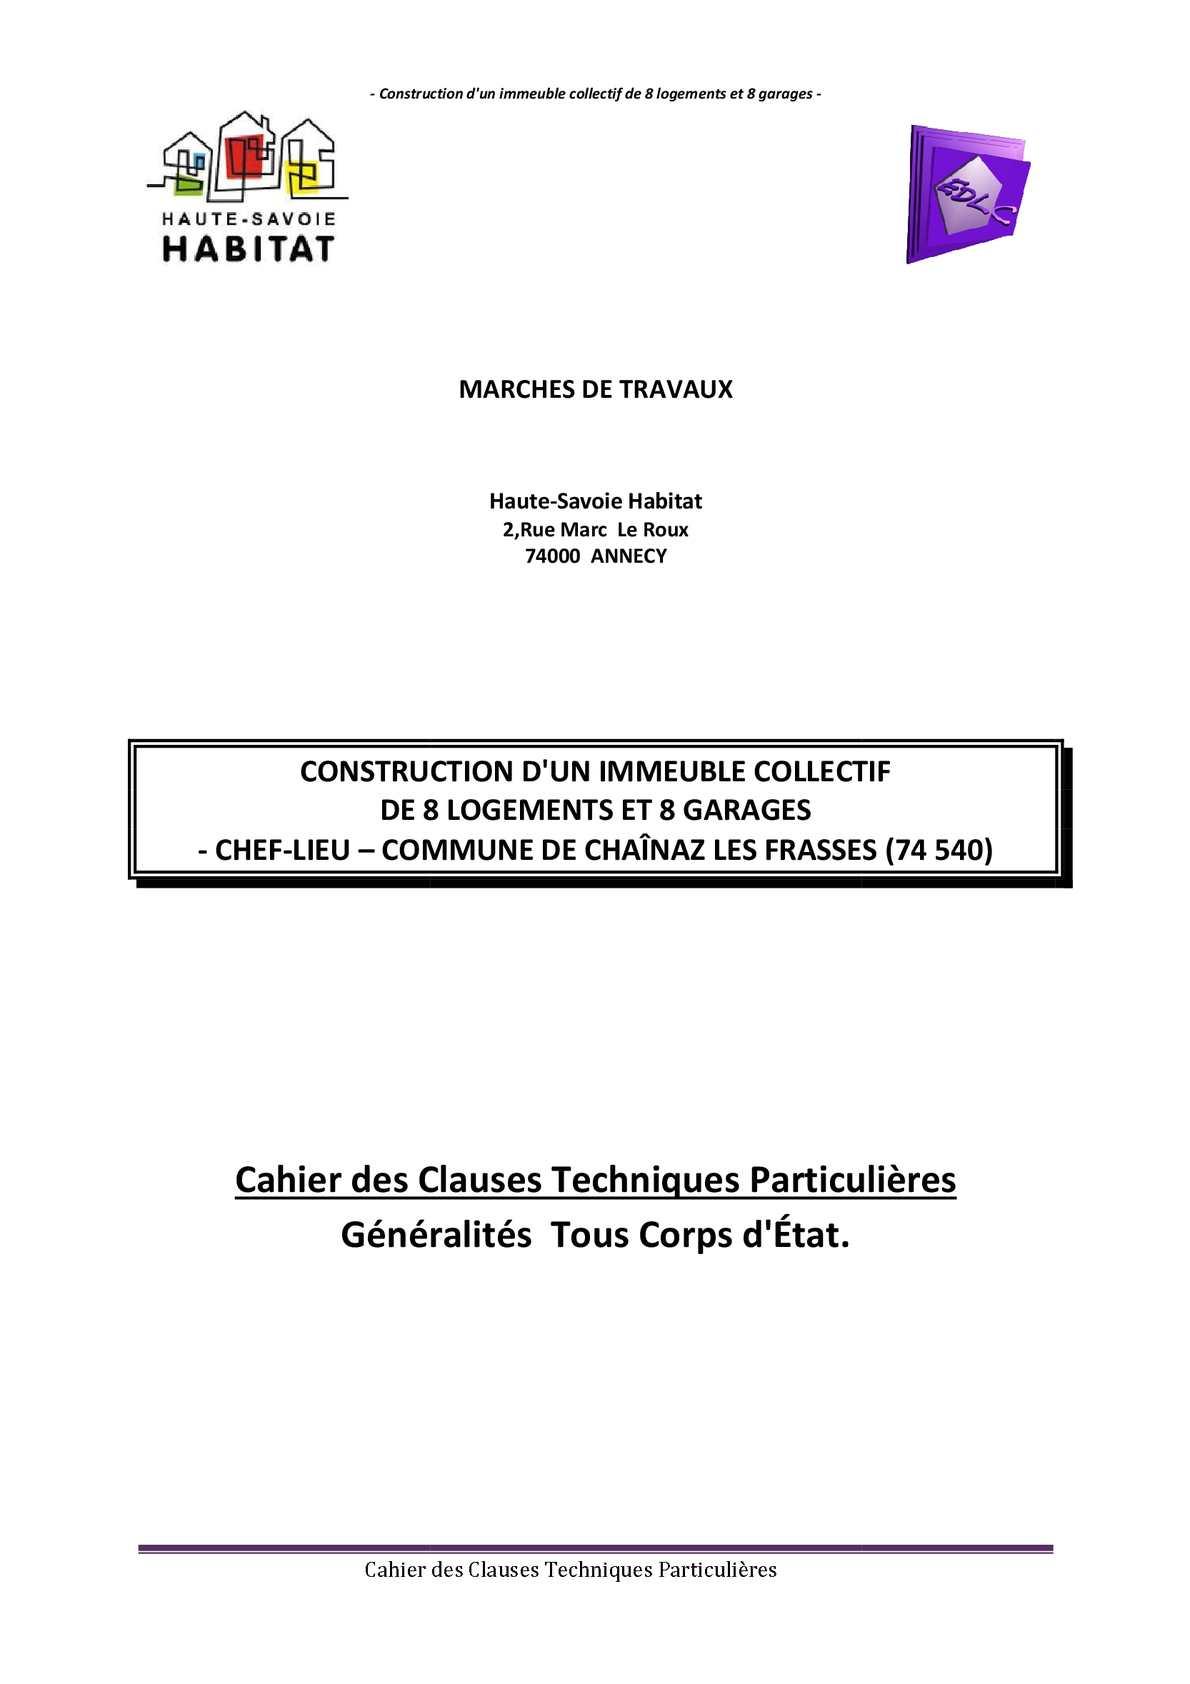 5.C.C.T.P  GÉNÉRALITÉES COMMUNES TOUS CORPS D'ÉTAT   AT-3